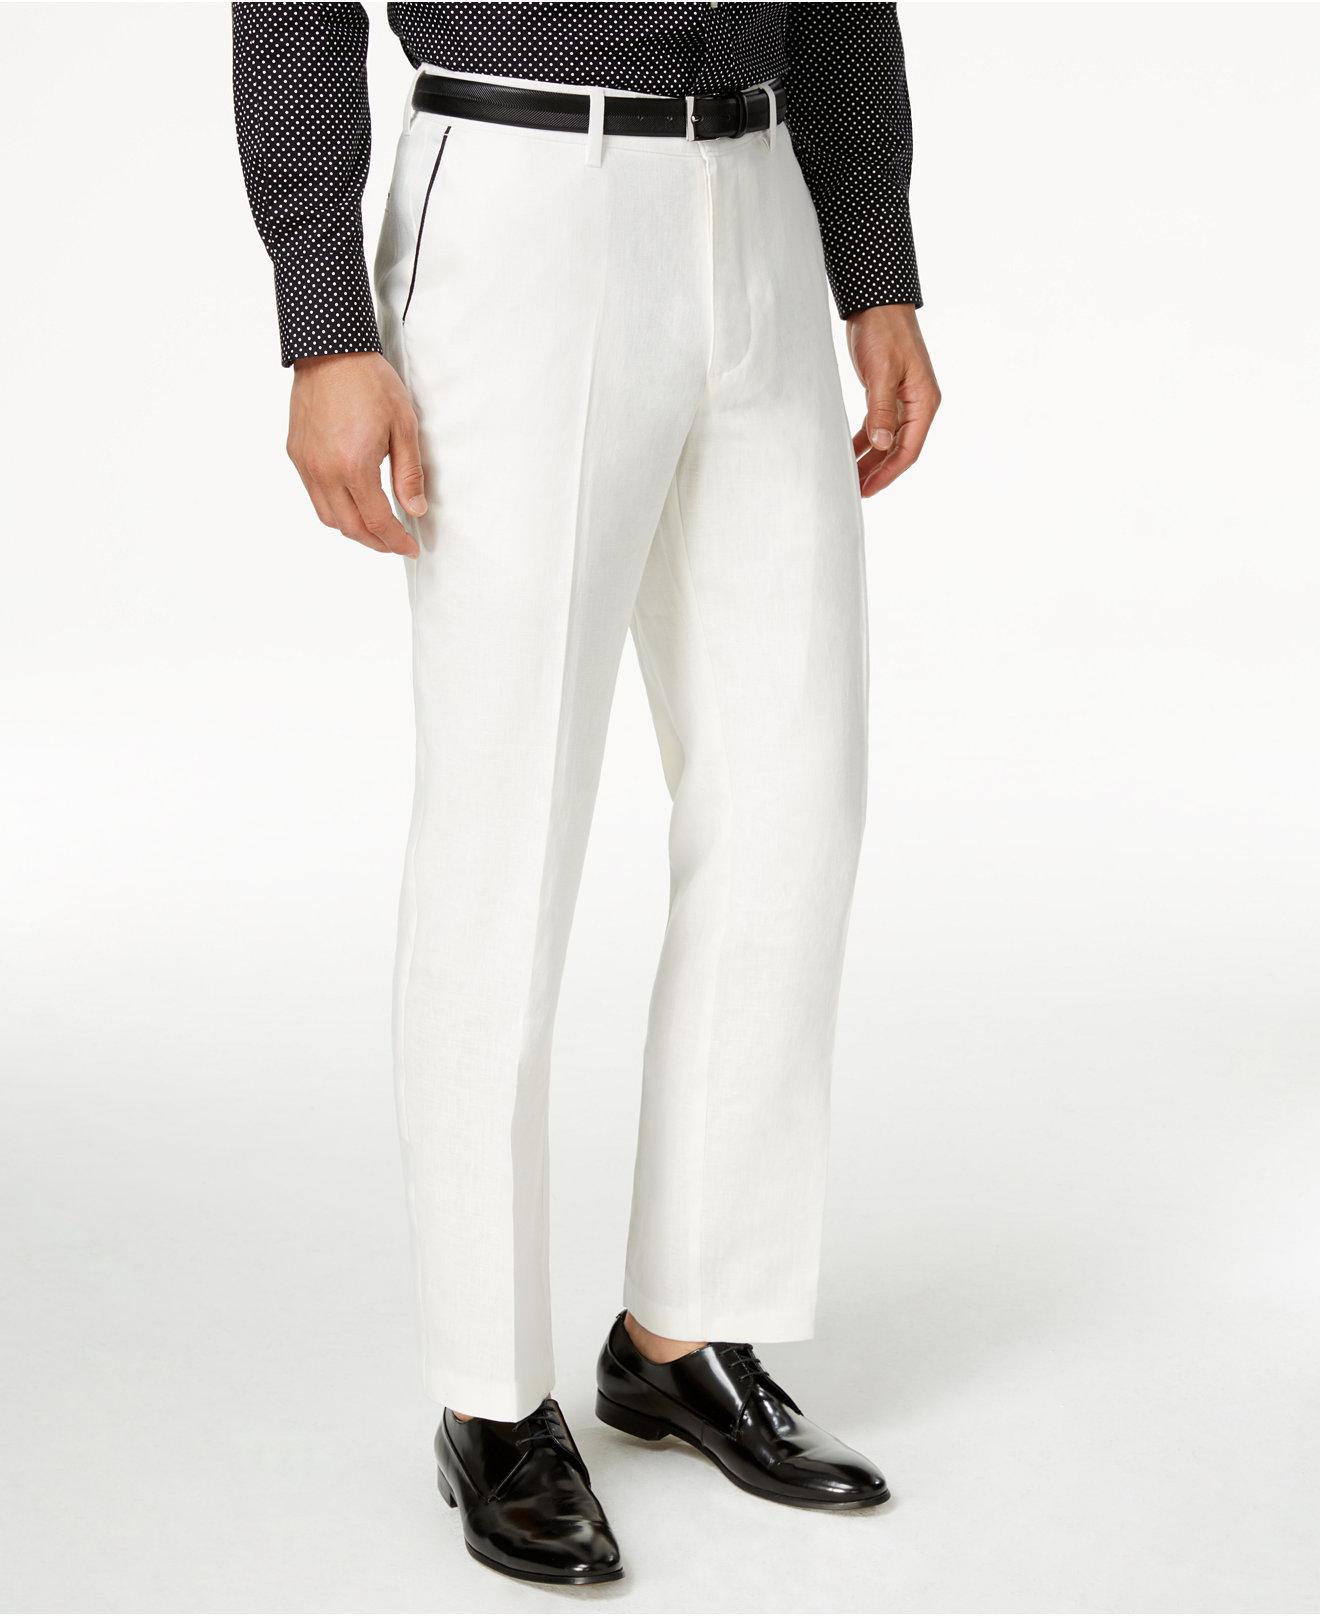 Sean John Cream Linen Summer Dress Pants